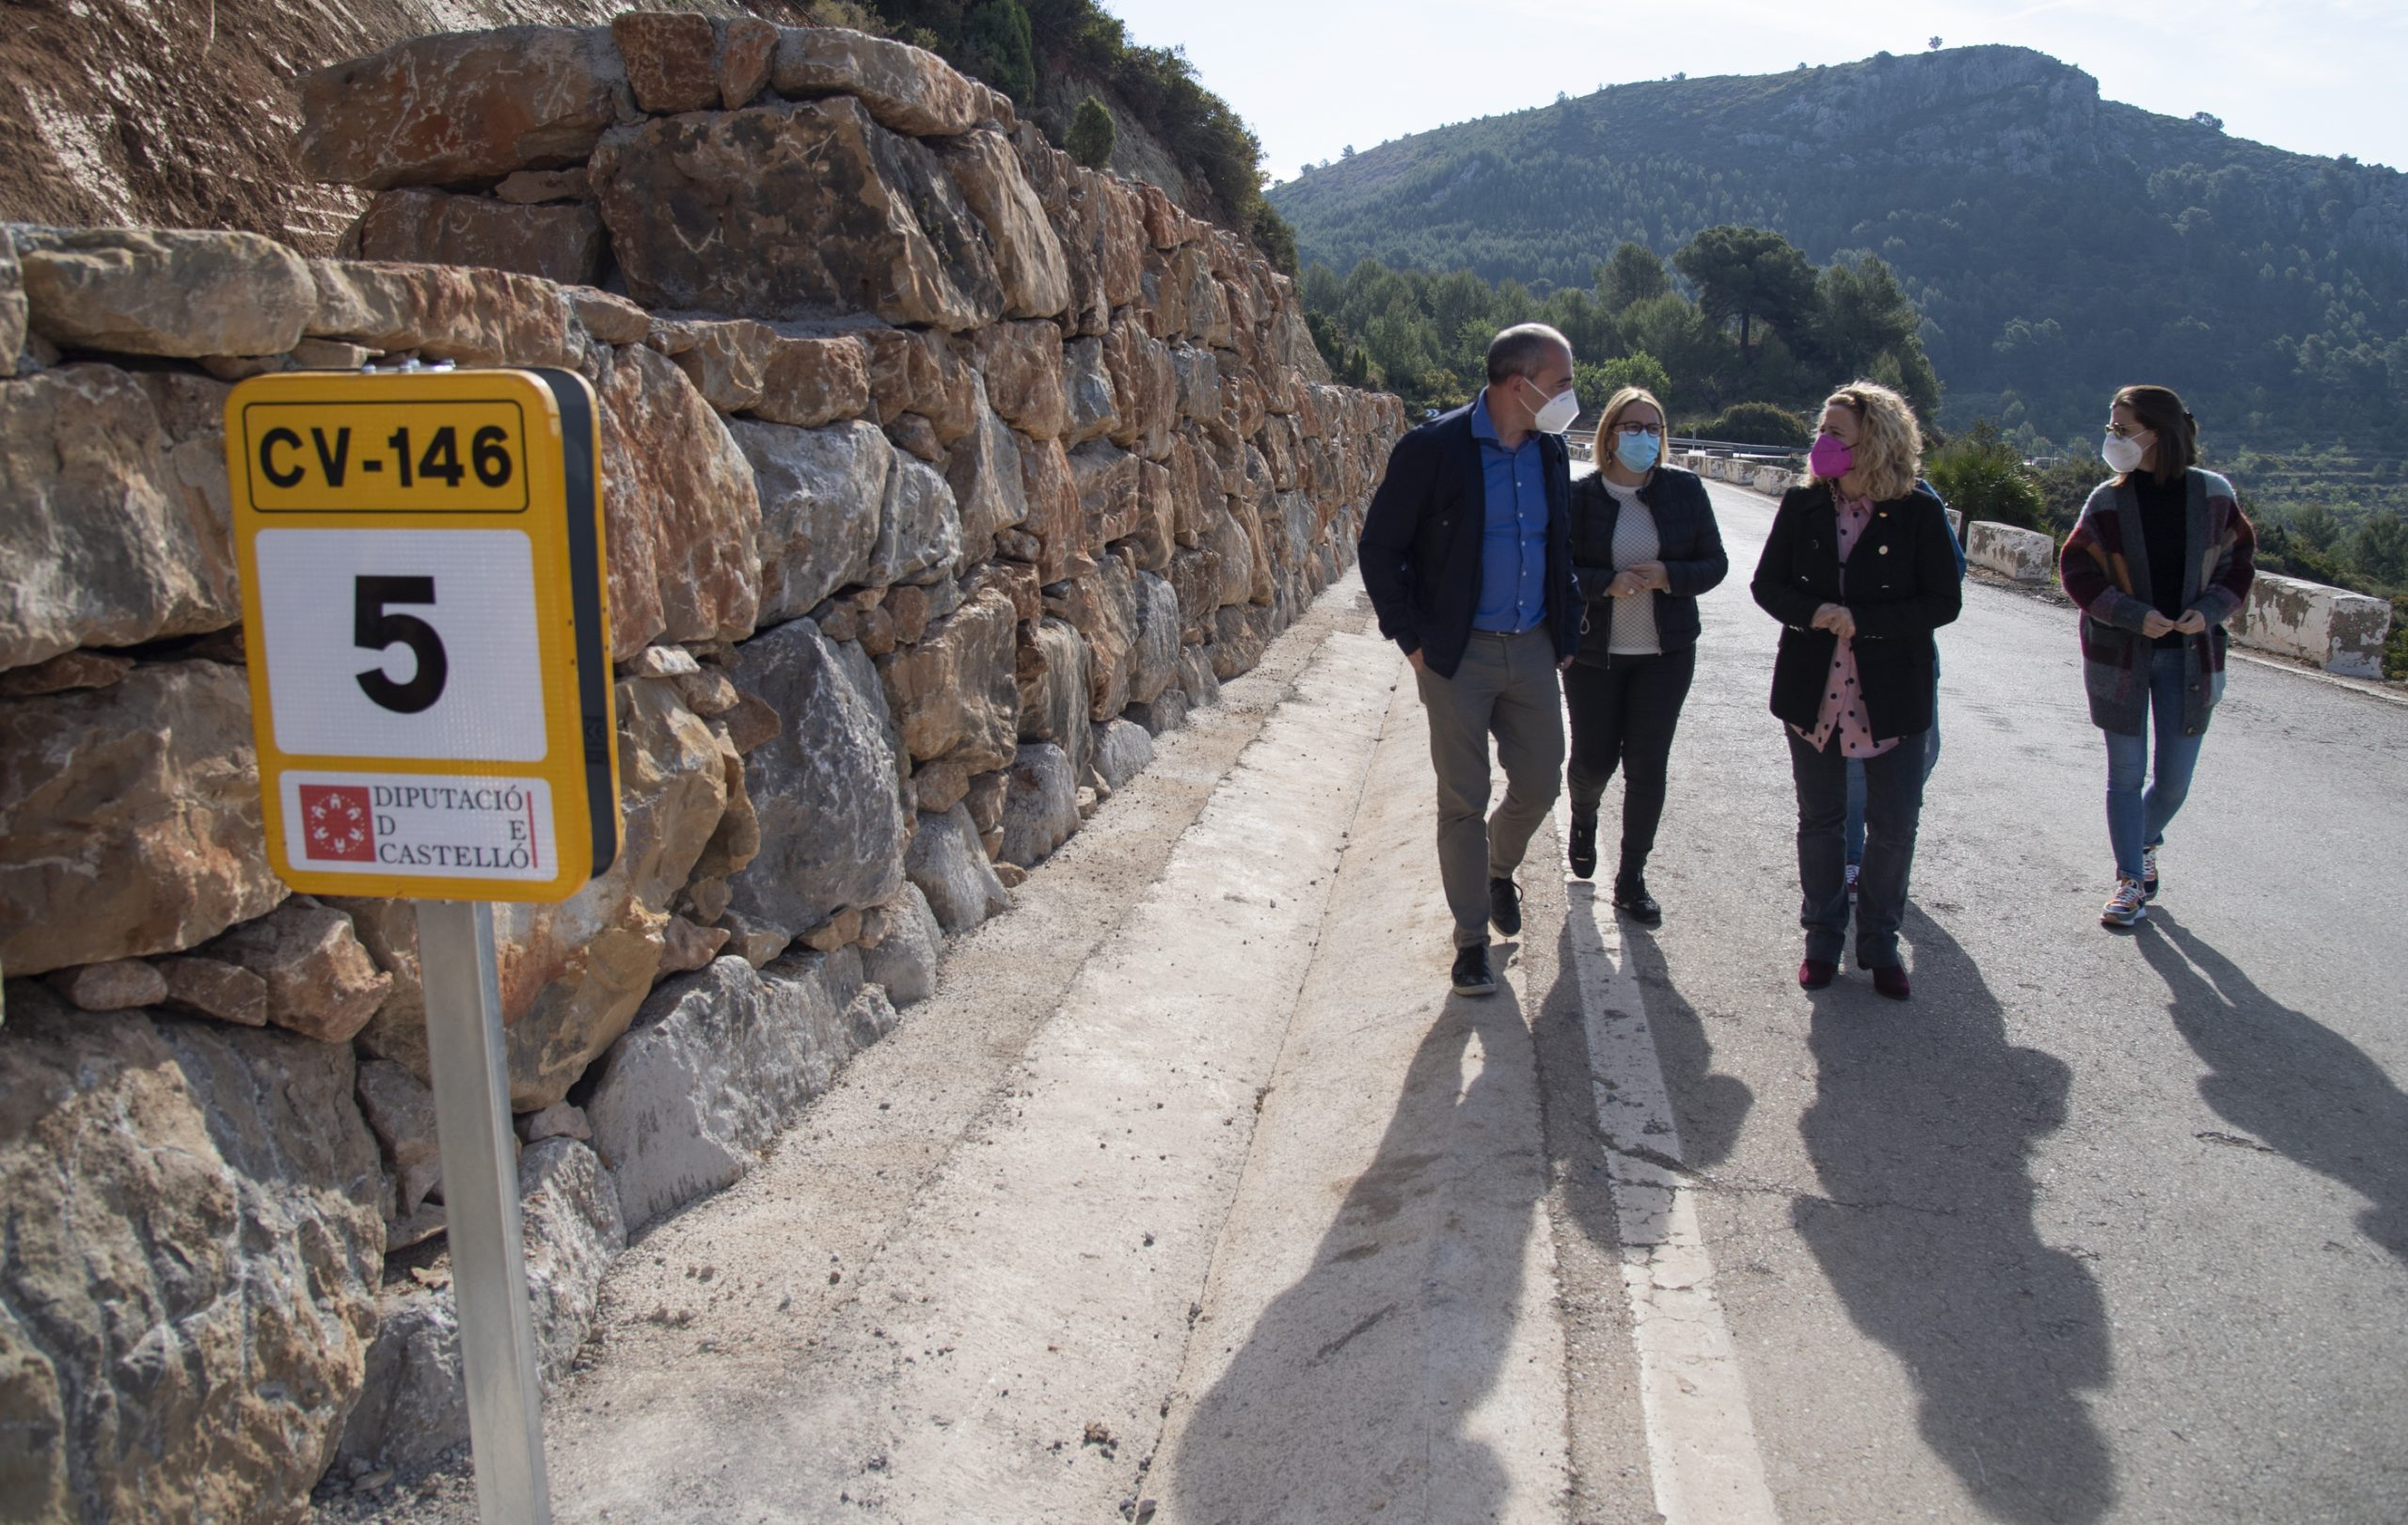 La Diputación de Castellón invierte 410.000 euros en la mejora de la seguridad vial de la carretera que une Cabanes con la Ribera de Cabanes